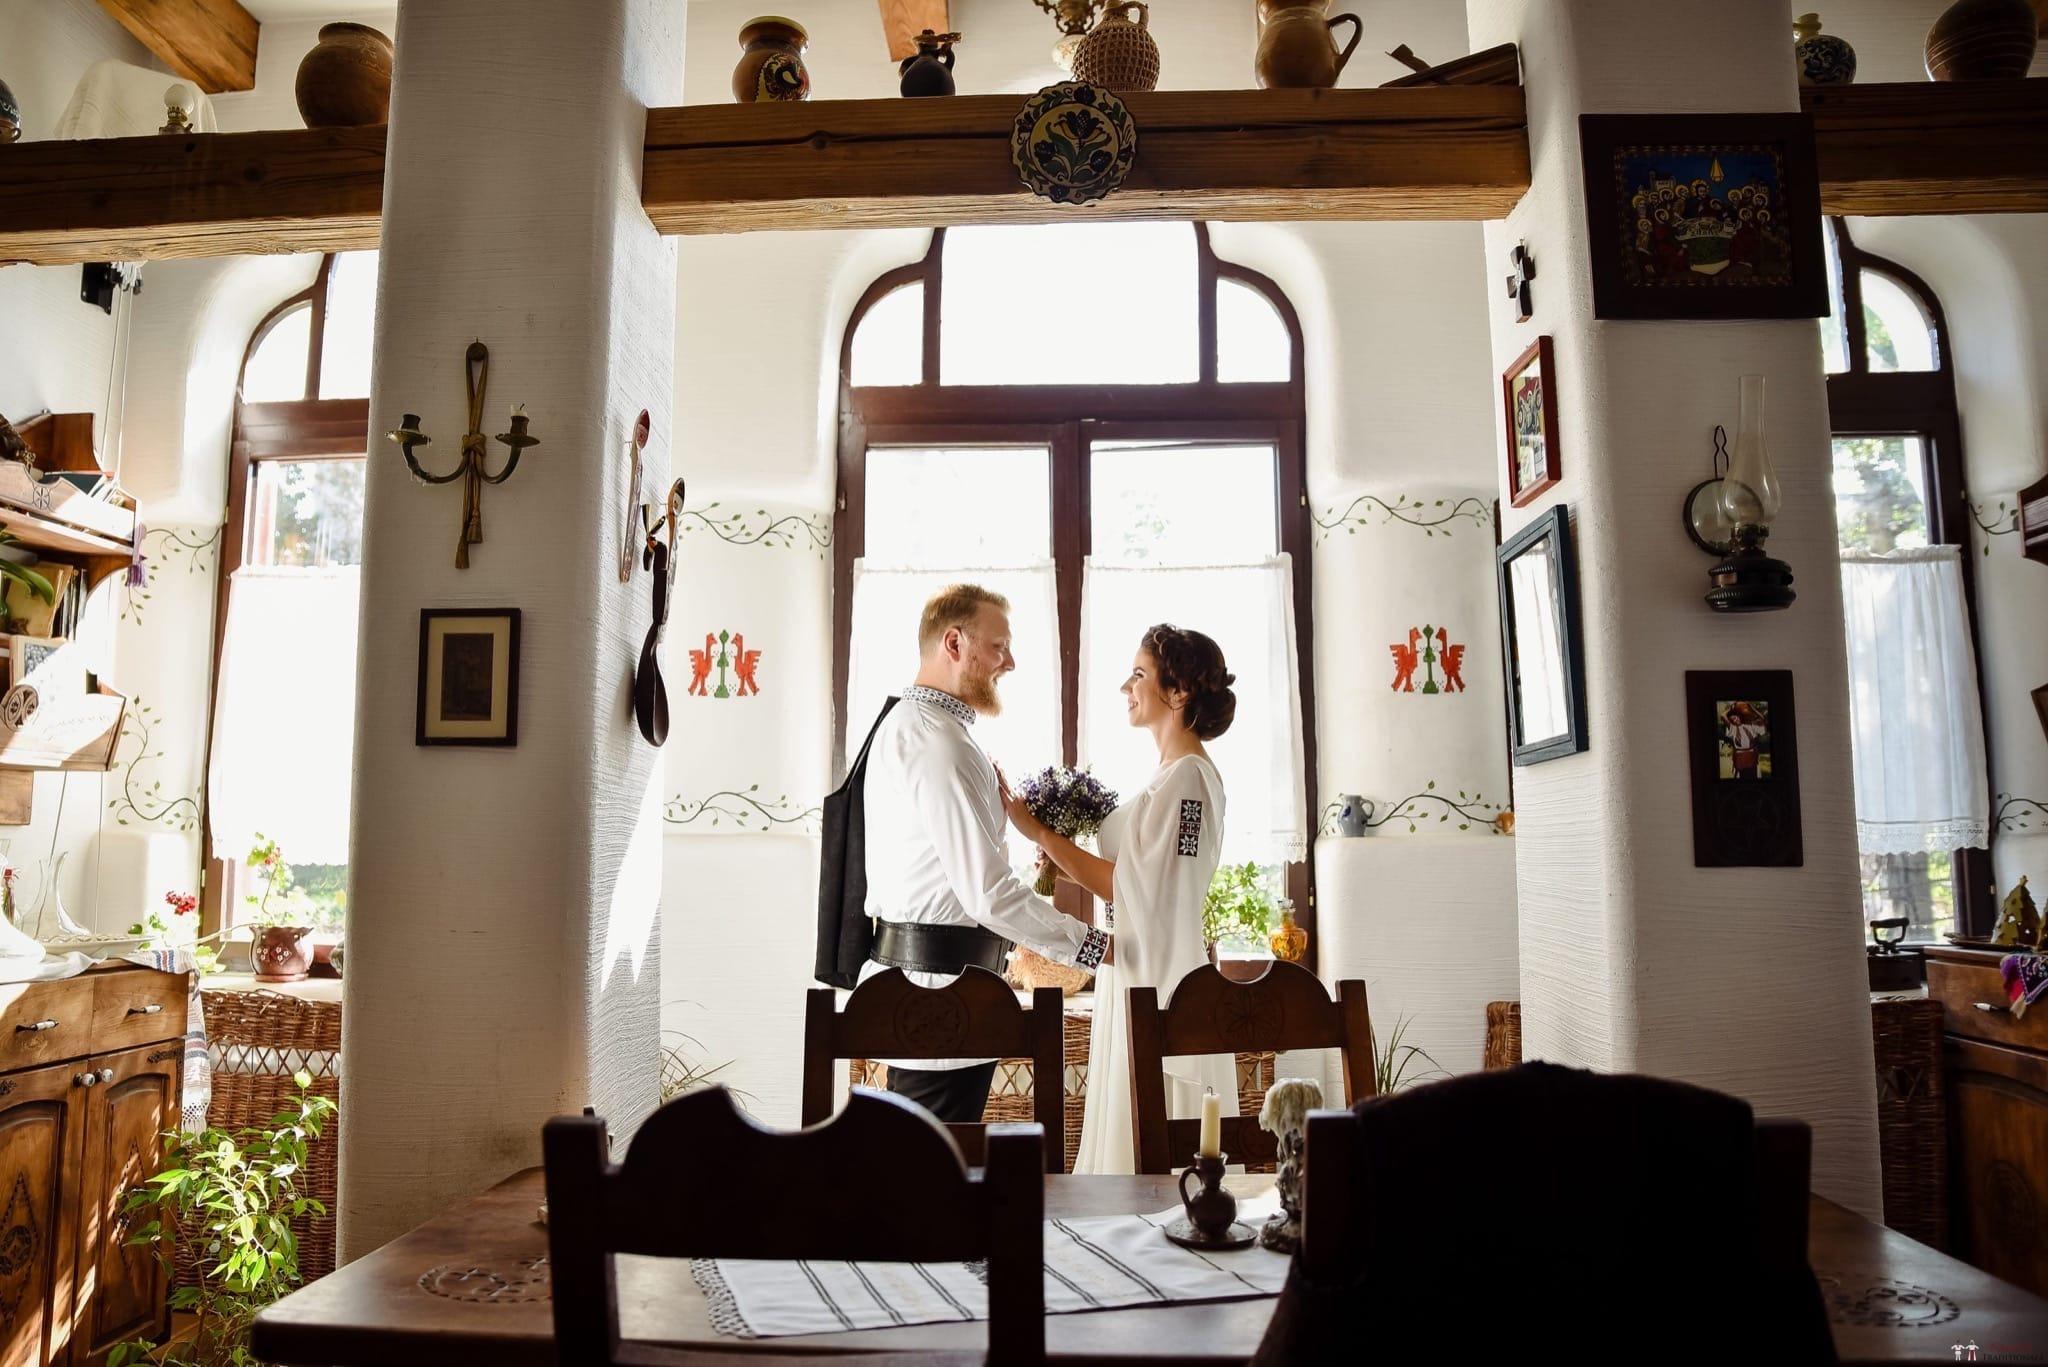 Povești Nunți Tradiționale - Georgiana și Andrei, nuntă tradițională în Iași 11